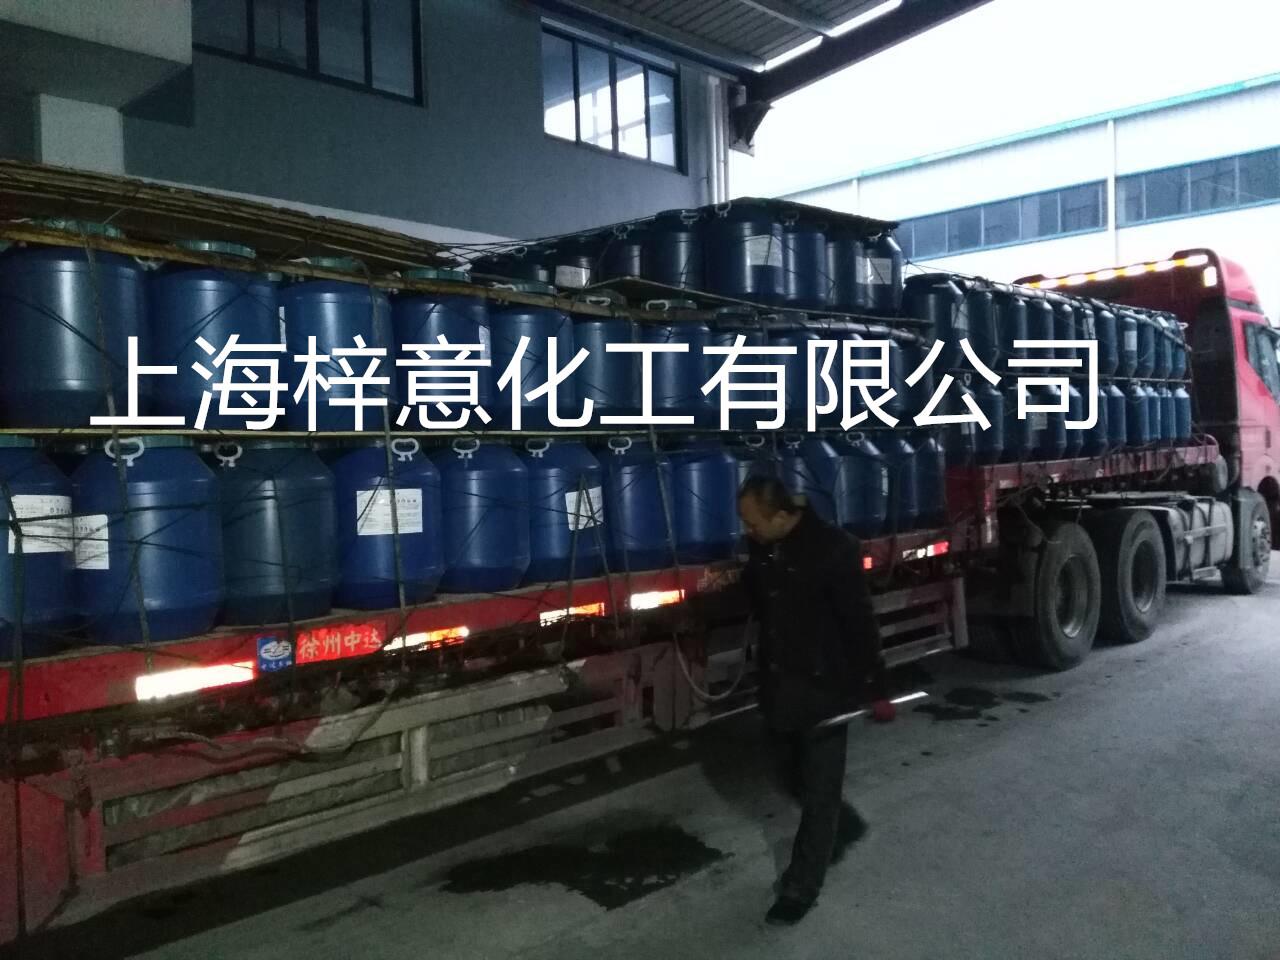 天津药厂水处理消泡剂 诚信互利 梓意亚博娱乐是正规的吗--任意三数字加yabo.com直达官网